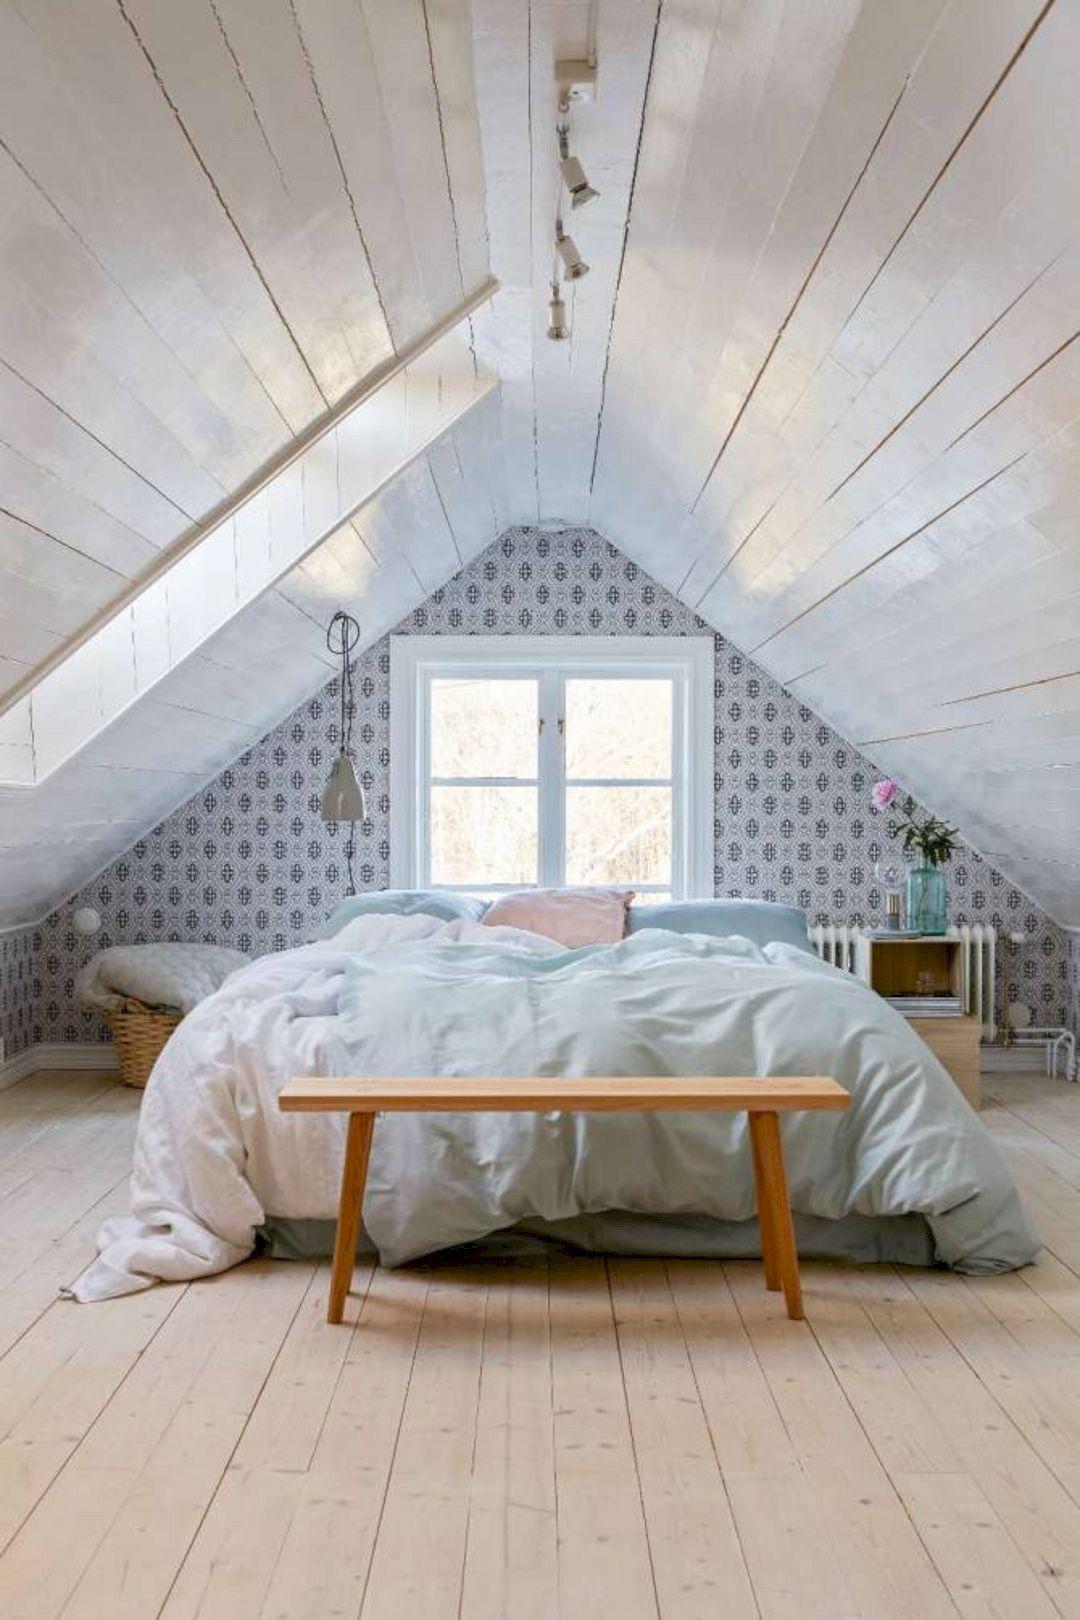 Inspiring Examples Of Minimal Interior Design 5 Attic Bedroom Designs Minimalism Interior Bedroom Design